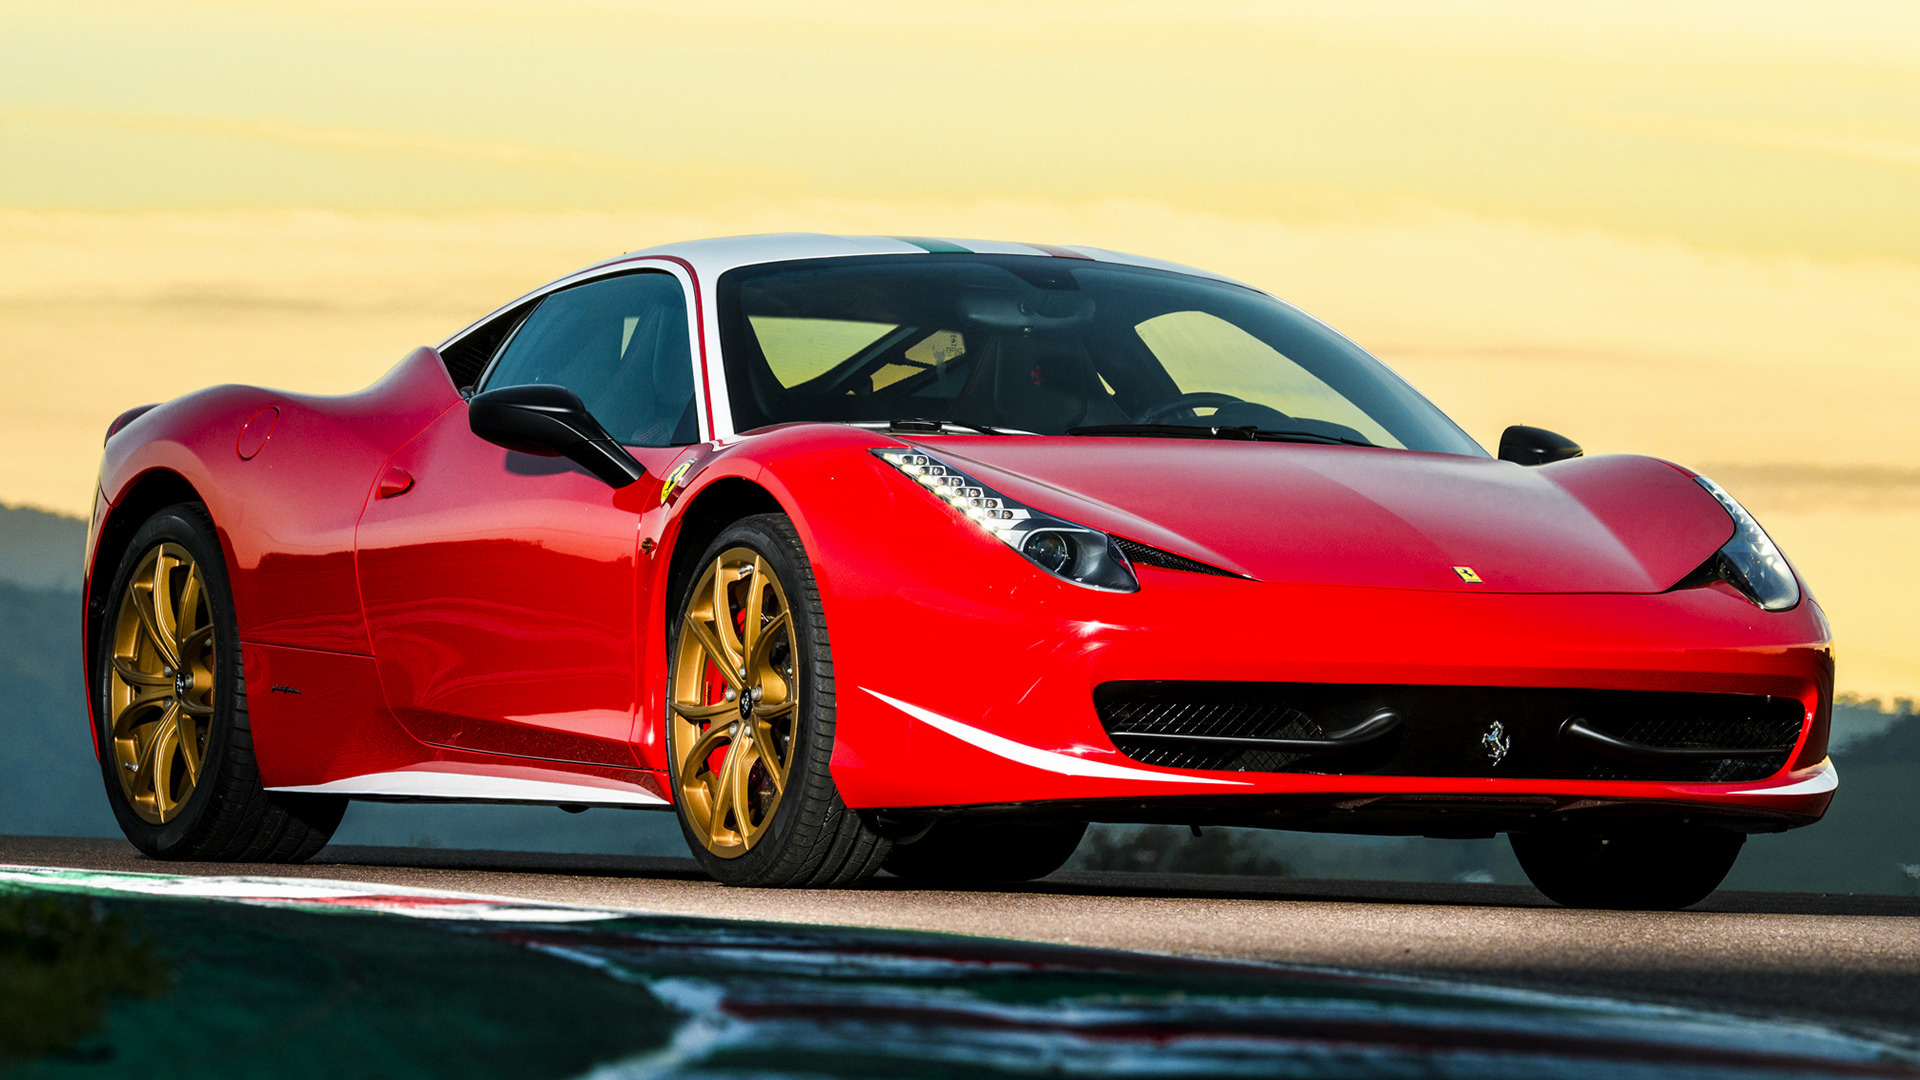 2013 Ferrari 458 Italia Tailor Made Dedicated To Niki Lauda Wallpapers And Hd Images Car Pixel